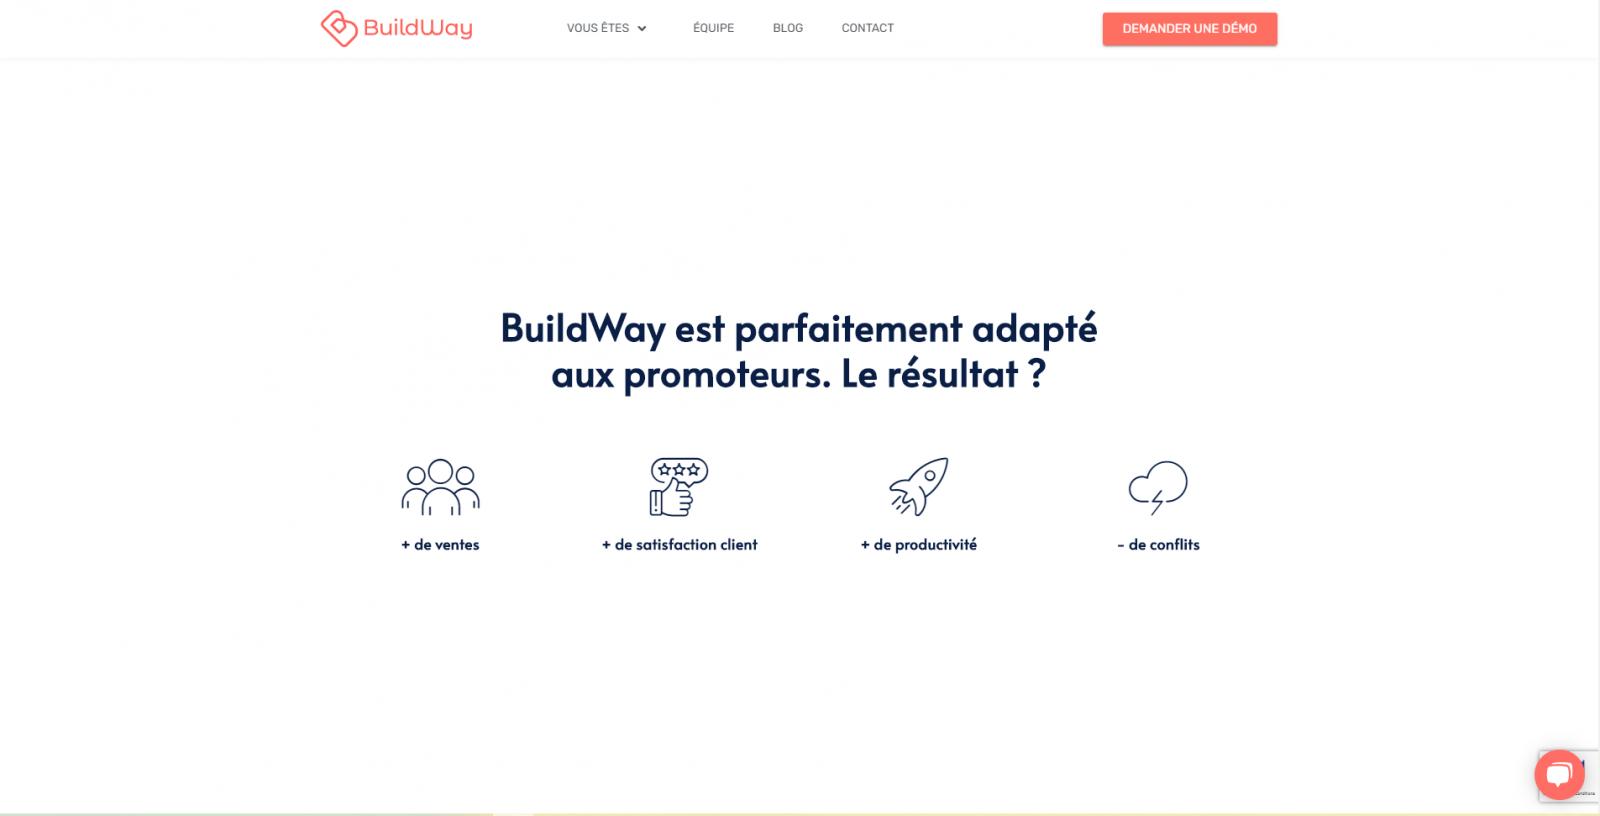 Buiilday Promoteurs Avantages Proptech 1